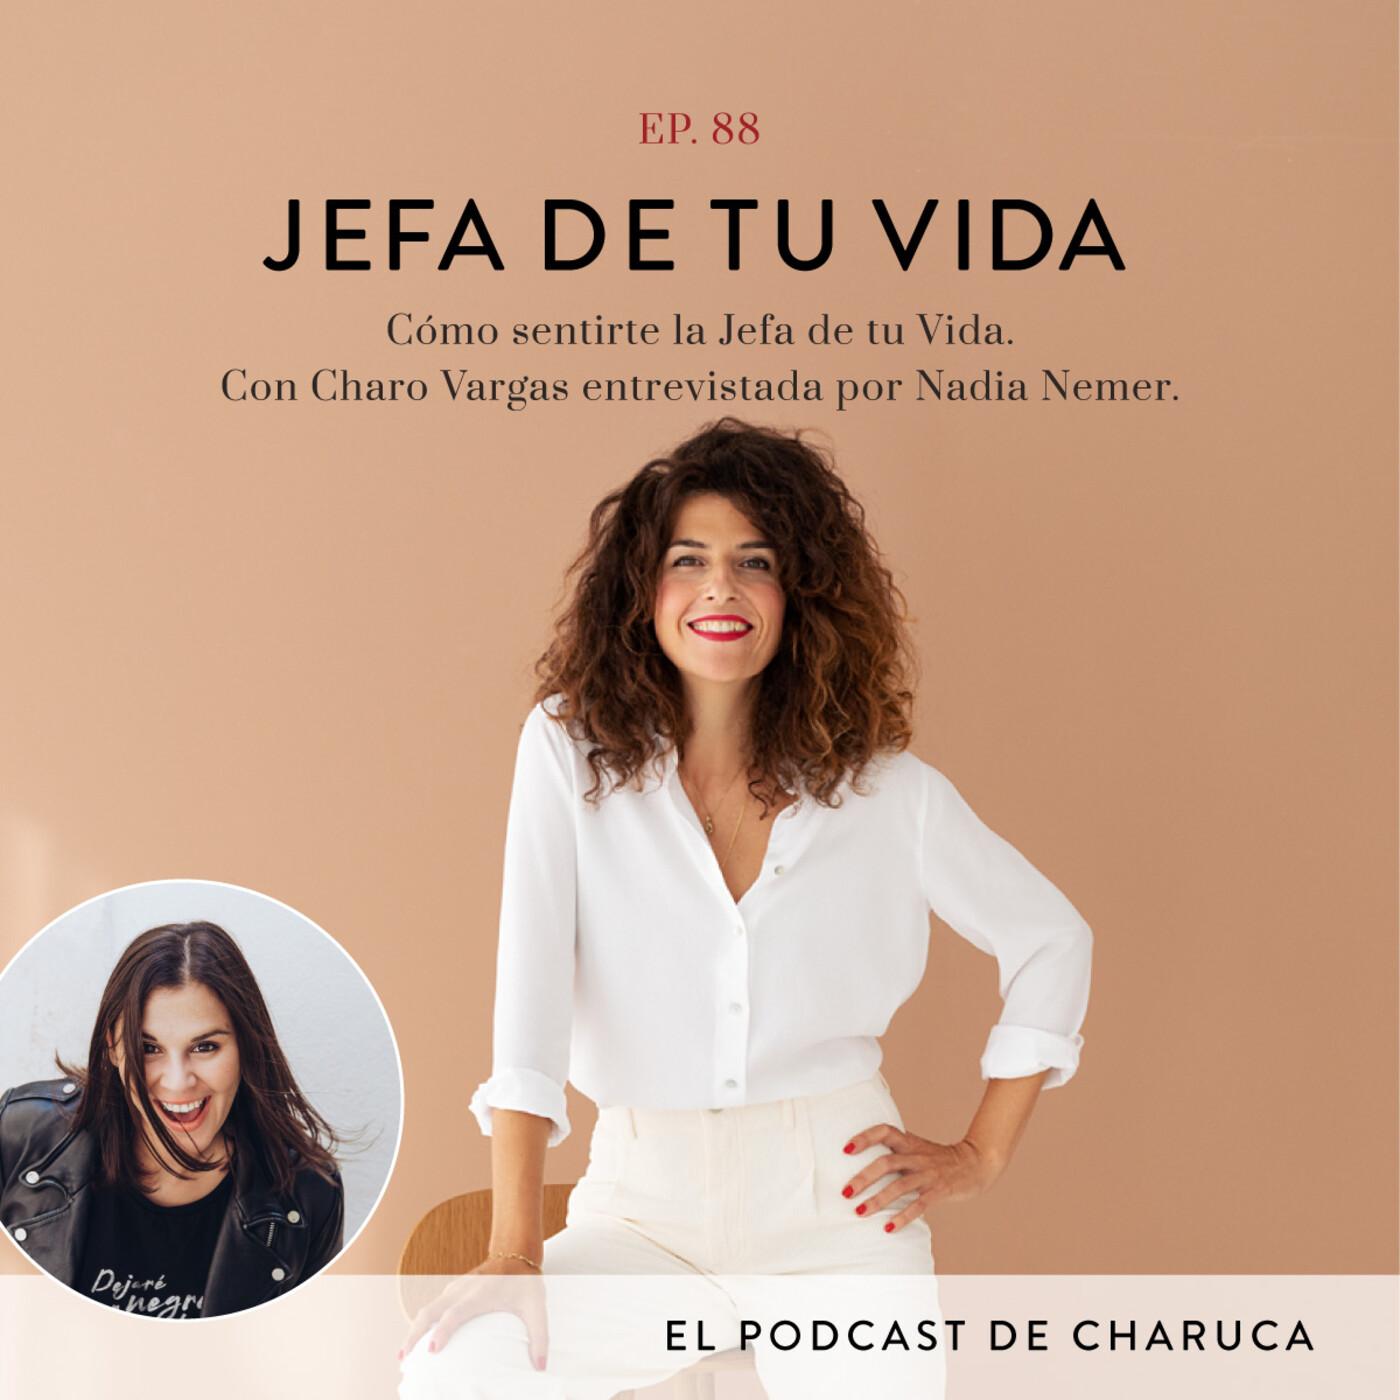 88. Cómo sentirte la Jefa de tu Vida. Con Charo Vargas entrevistada por Nadia Nemer.